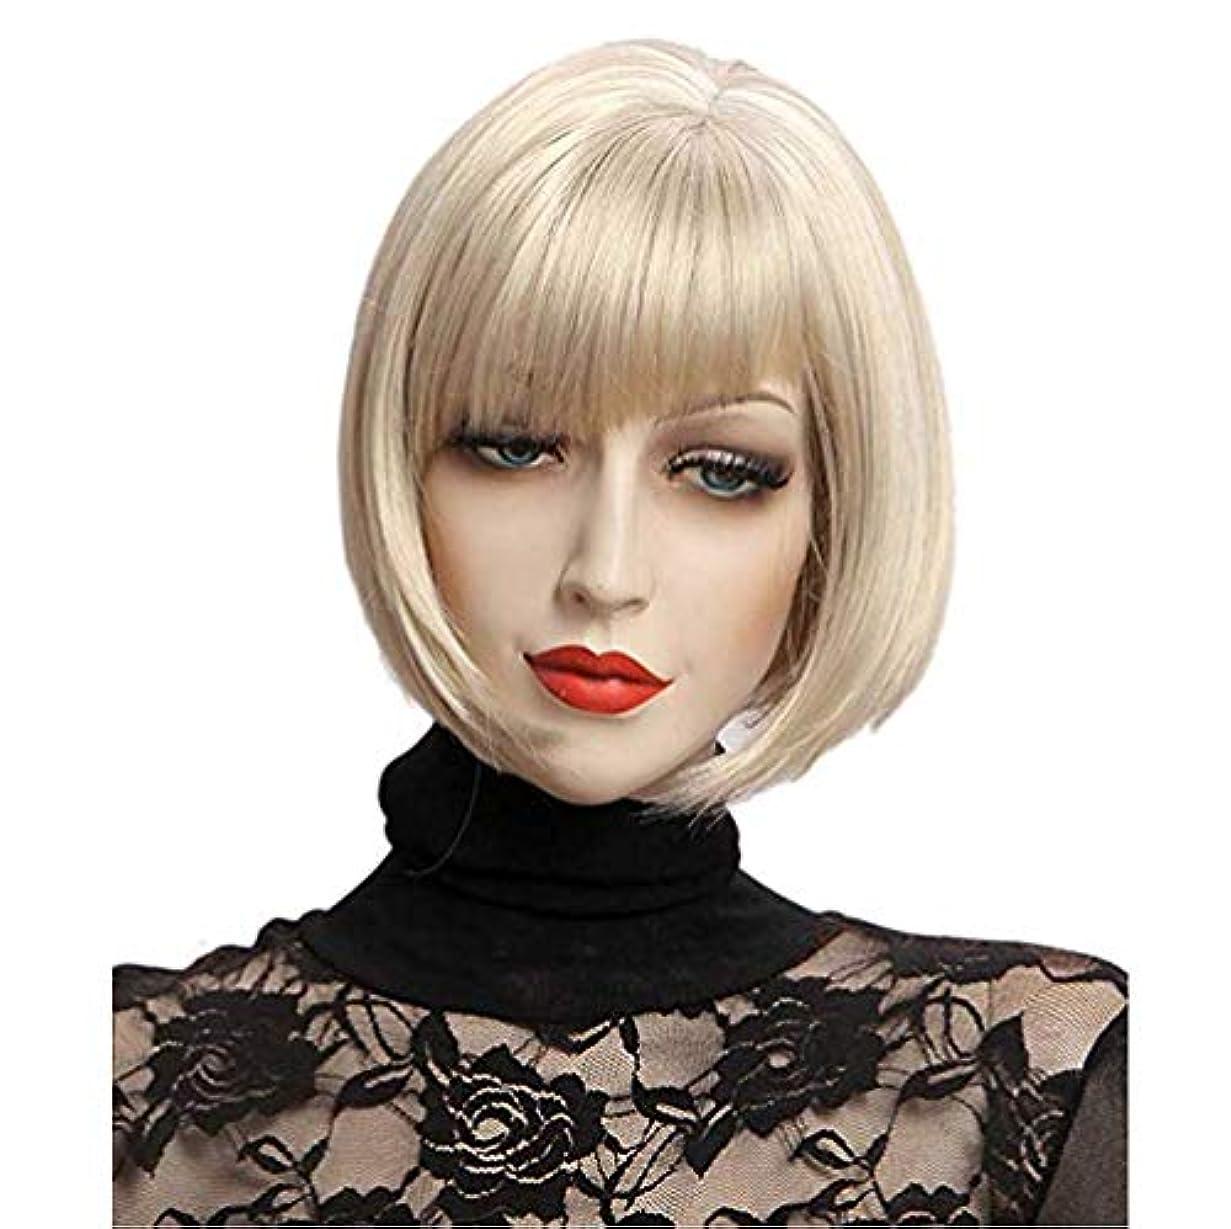 スラム許可する隙間女性合成ボブショートウィッグカラー耐熱コスプレパーティーヘアウィッグ30cm